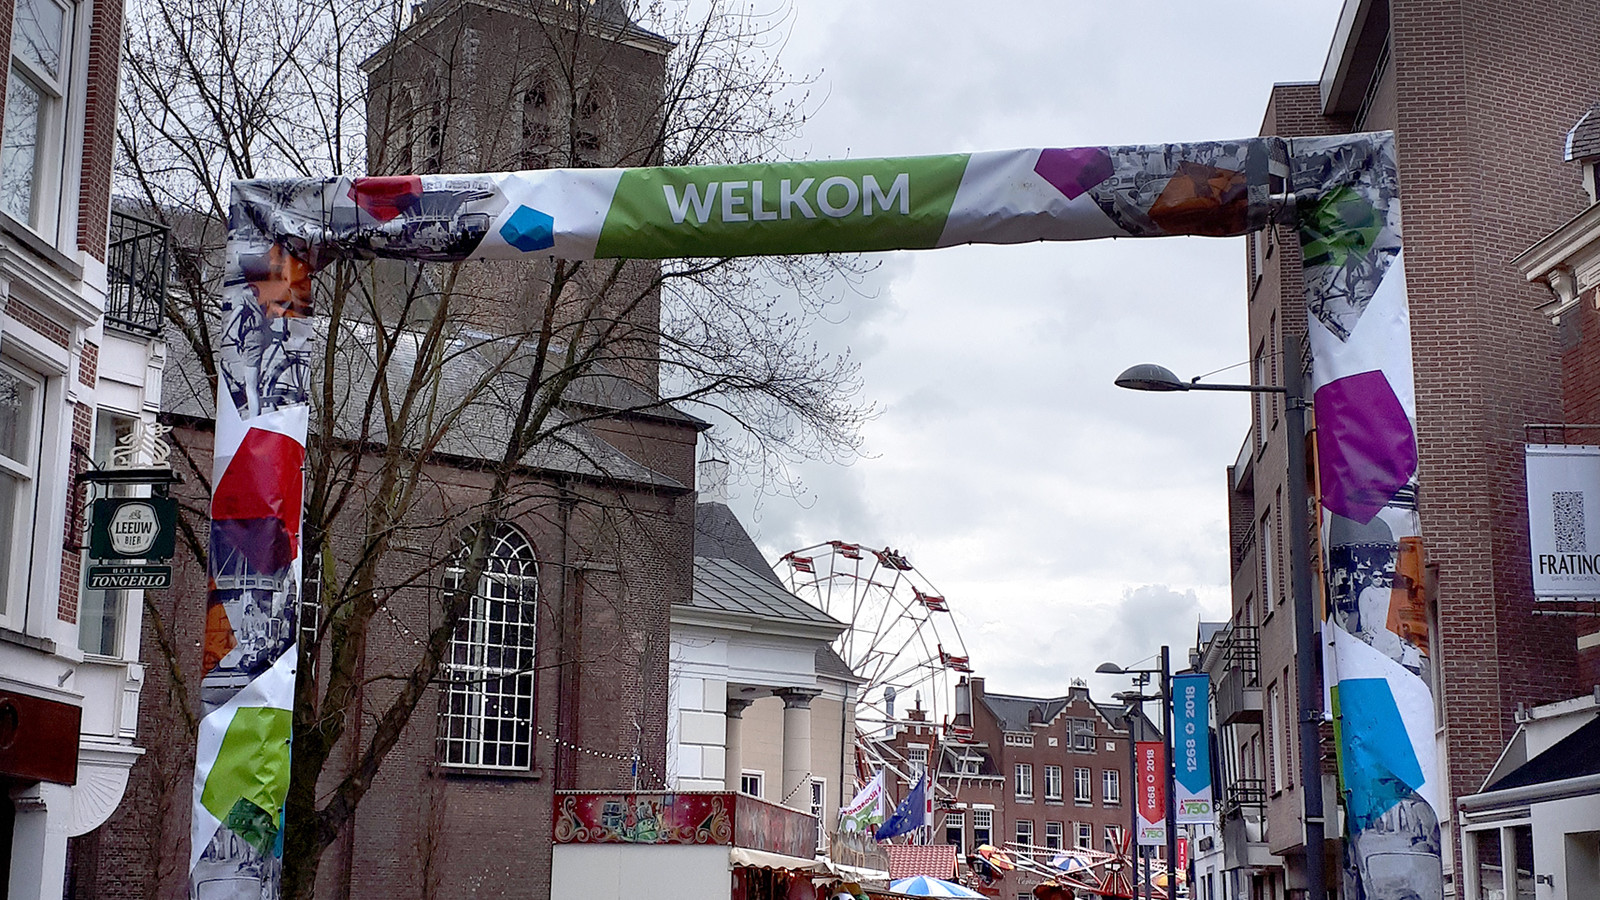 Laatste dag nostalgische kermis in Roosendaal 'Of nog een keer?'